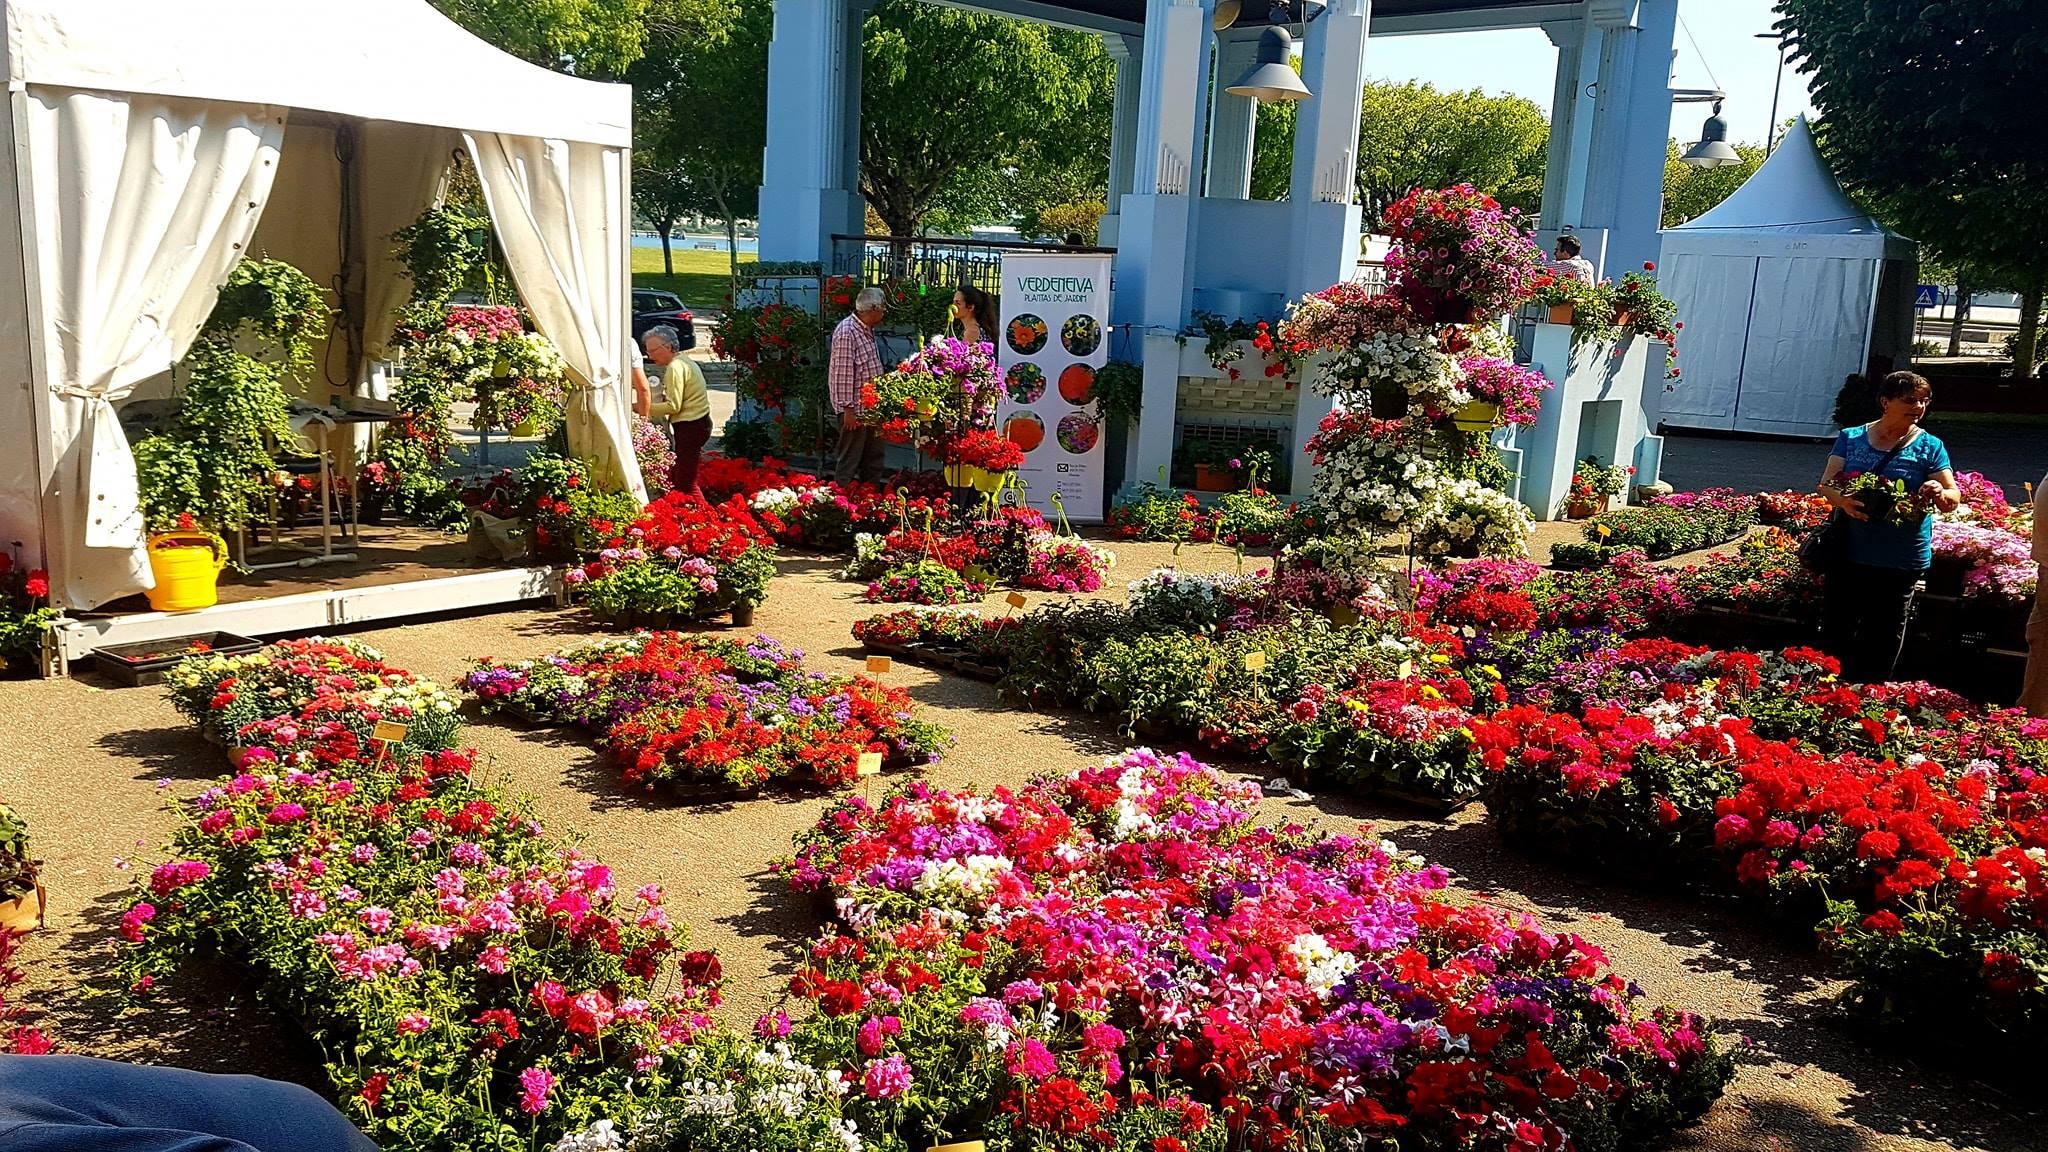 Feira das Flores e Jardinagem decorre de sexta-feira a domingo no jardim público de Viana